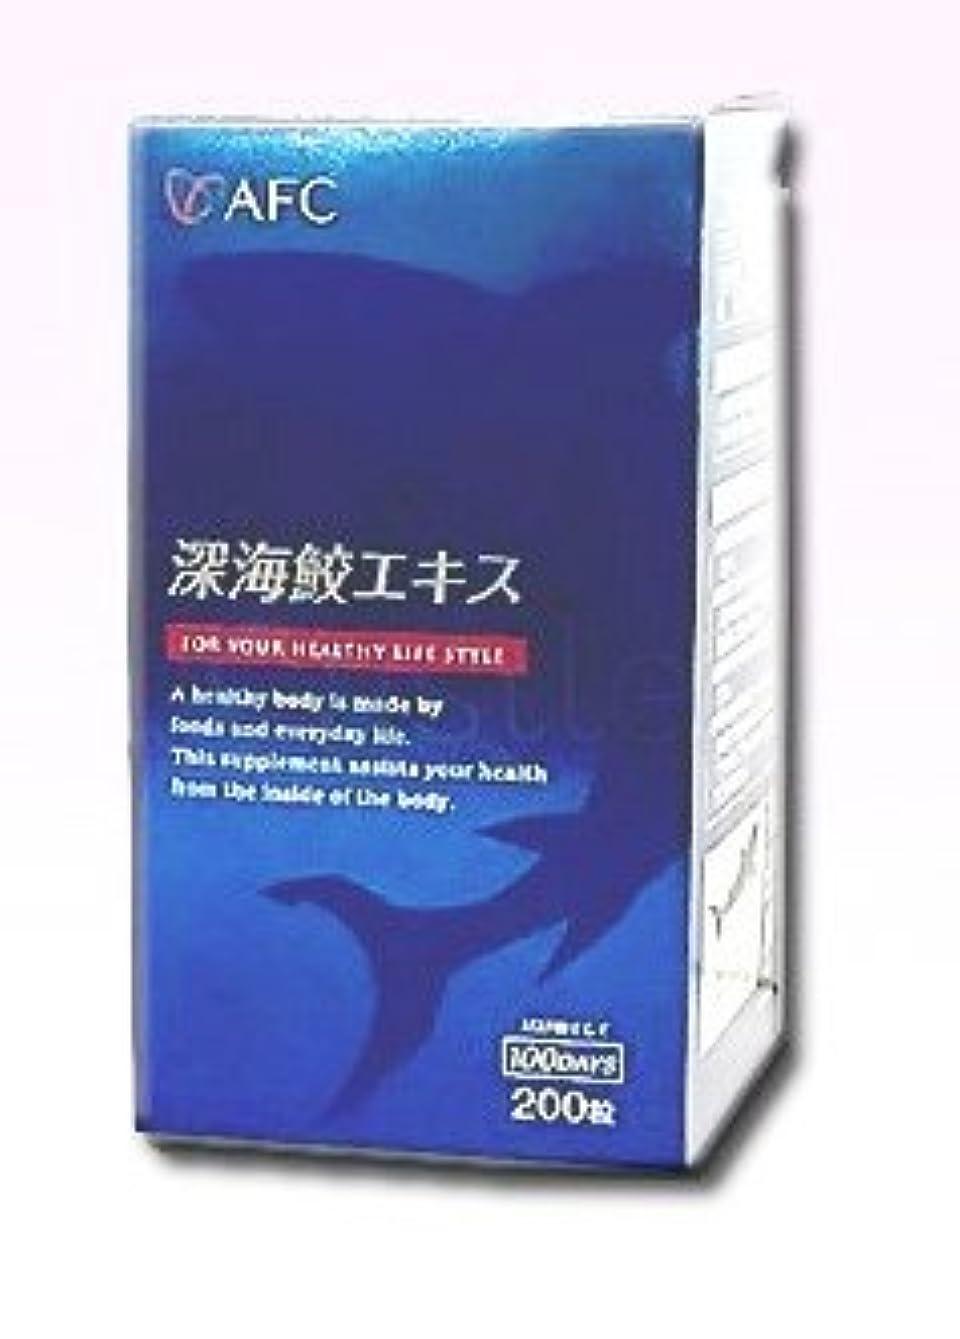 モンゴメリーシュリンク意志に反するAFC 深海鮫エキス 200粒